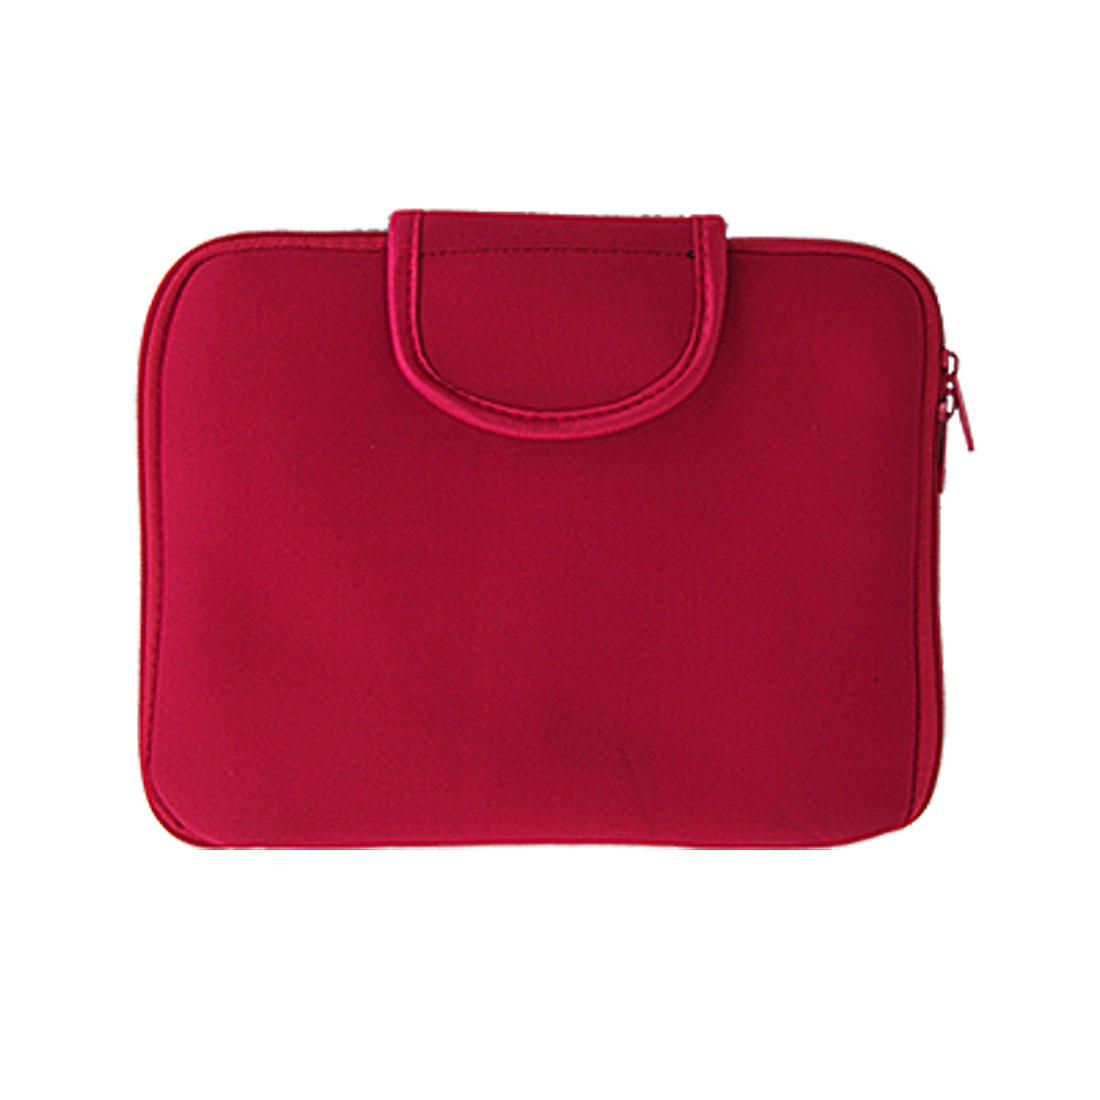 Light Red Neoprene Zipper Sleeve Handbag for Apple iPad 1